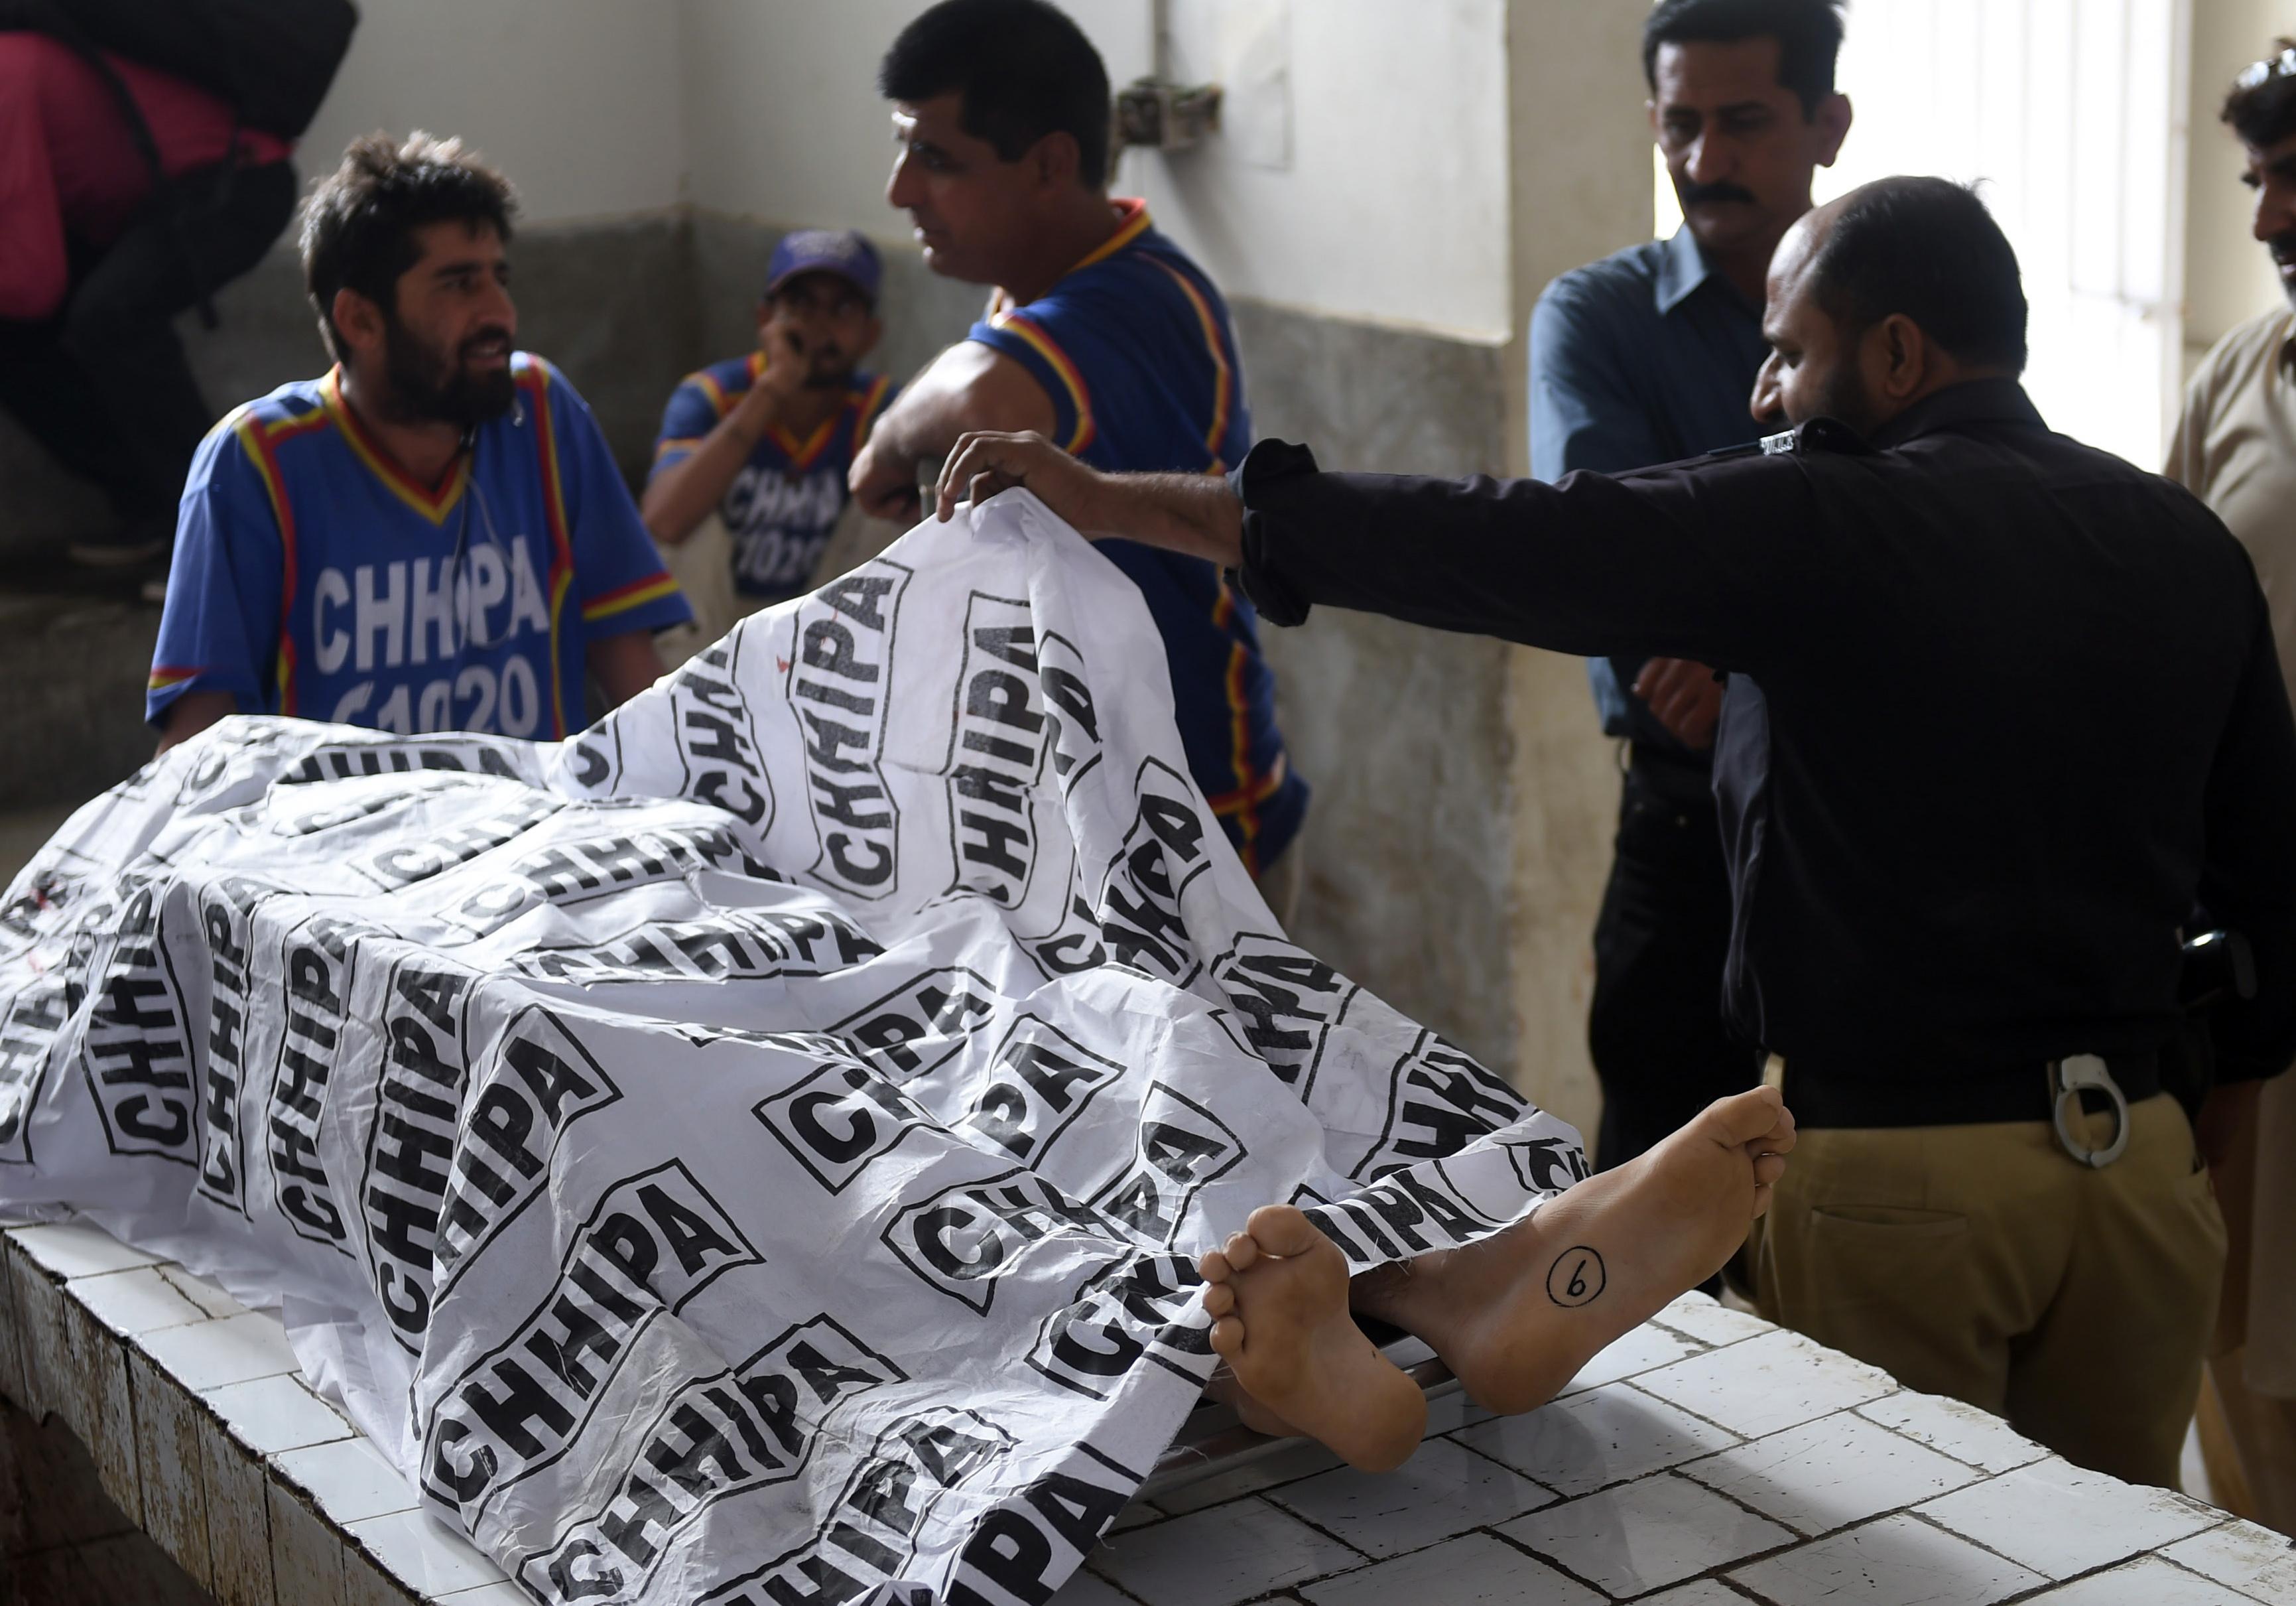 پاکستانی سیکورٹی فورسز نے ہلاکتوں میں کمی دیکھی ہے